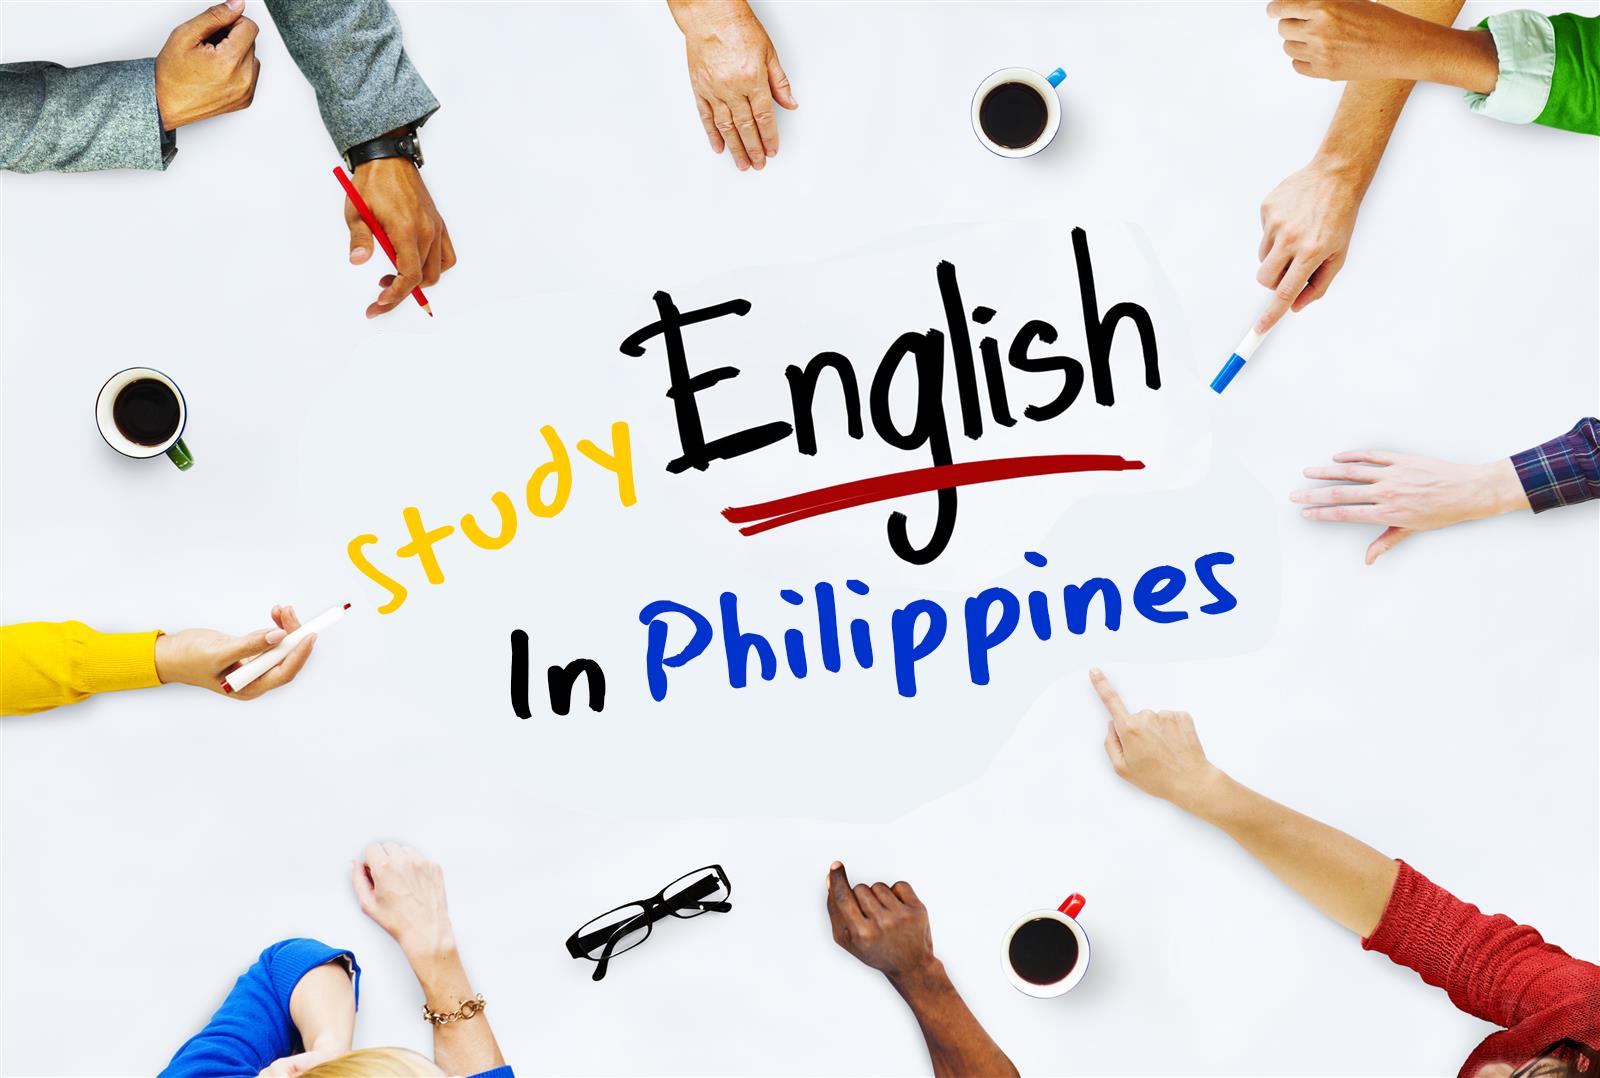 Du học tiếng Anh ở Philippines – Trải nghiệm khác biệt để thành công